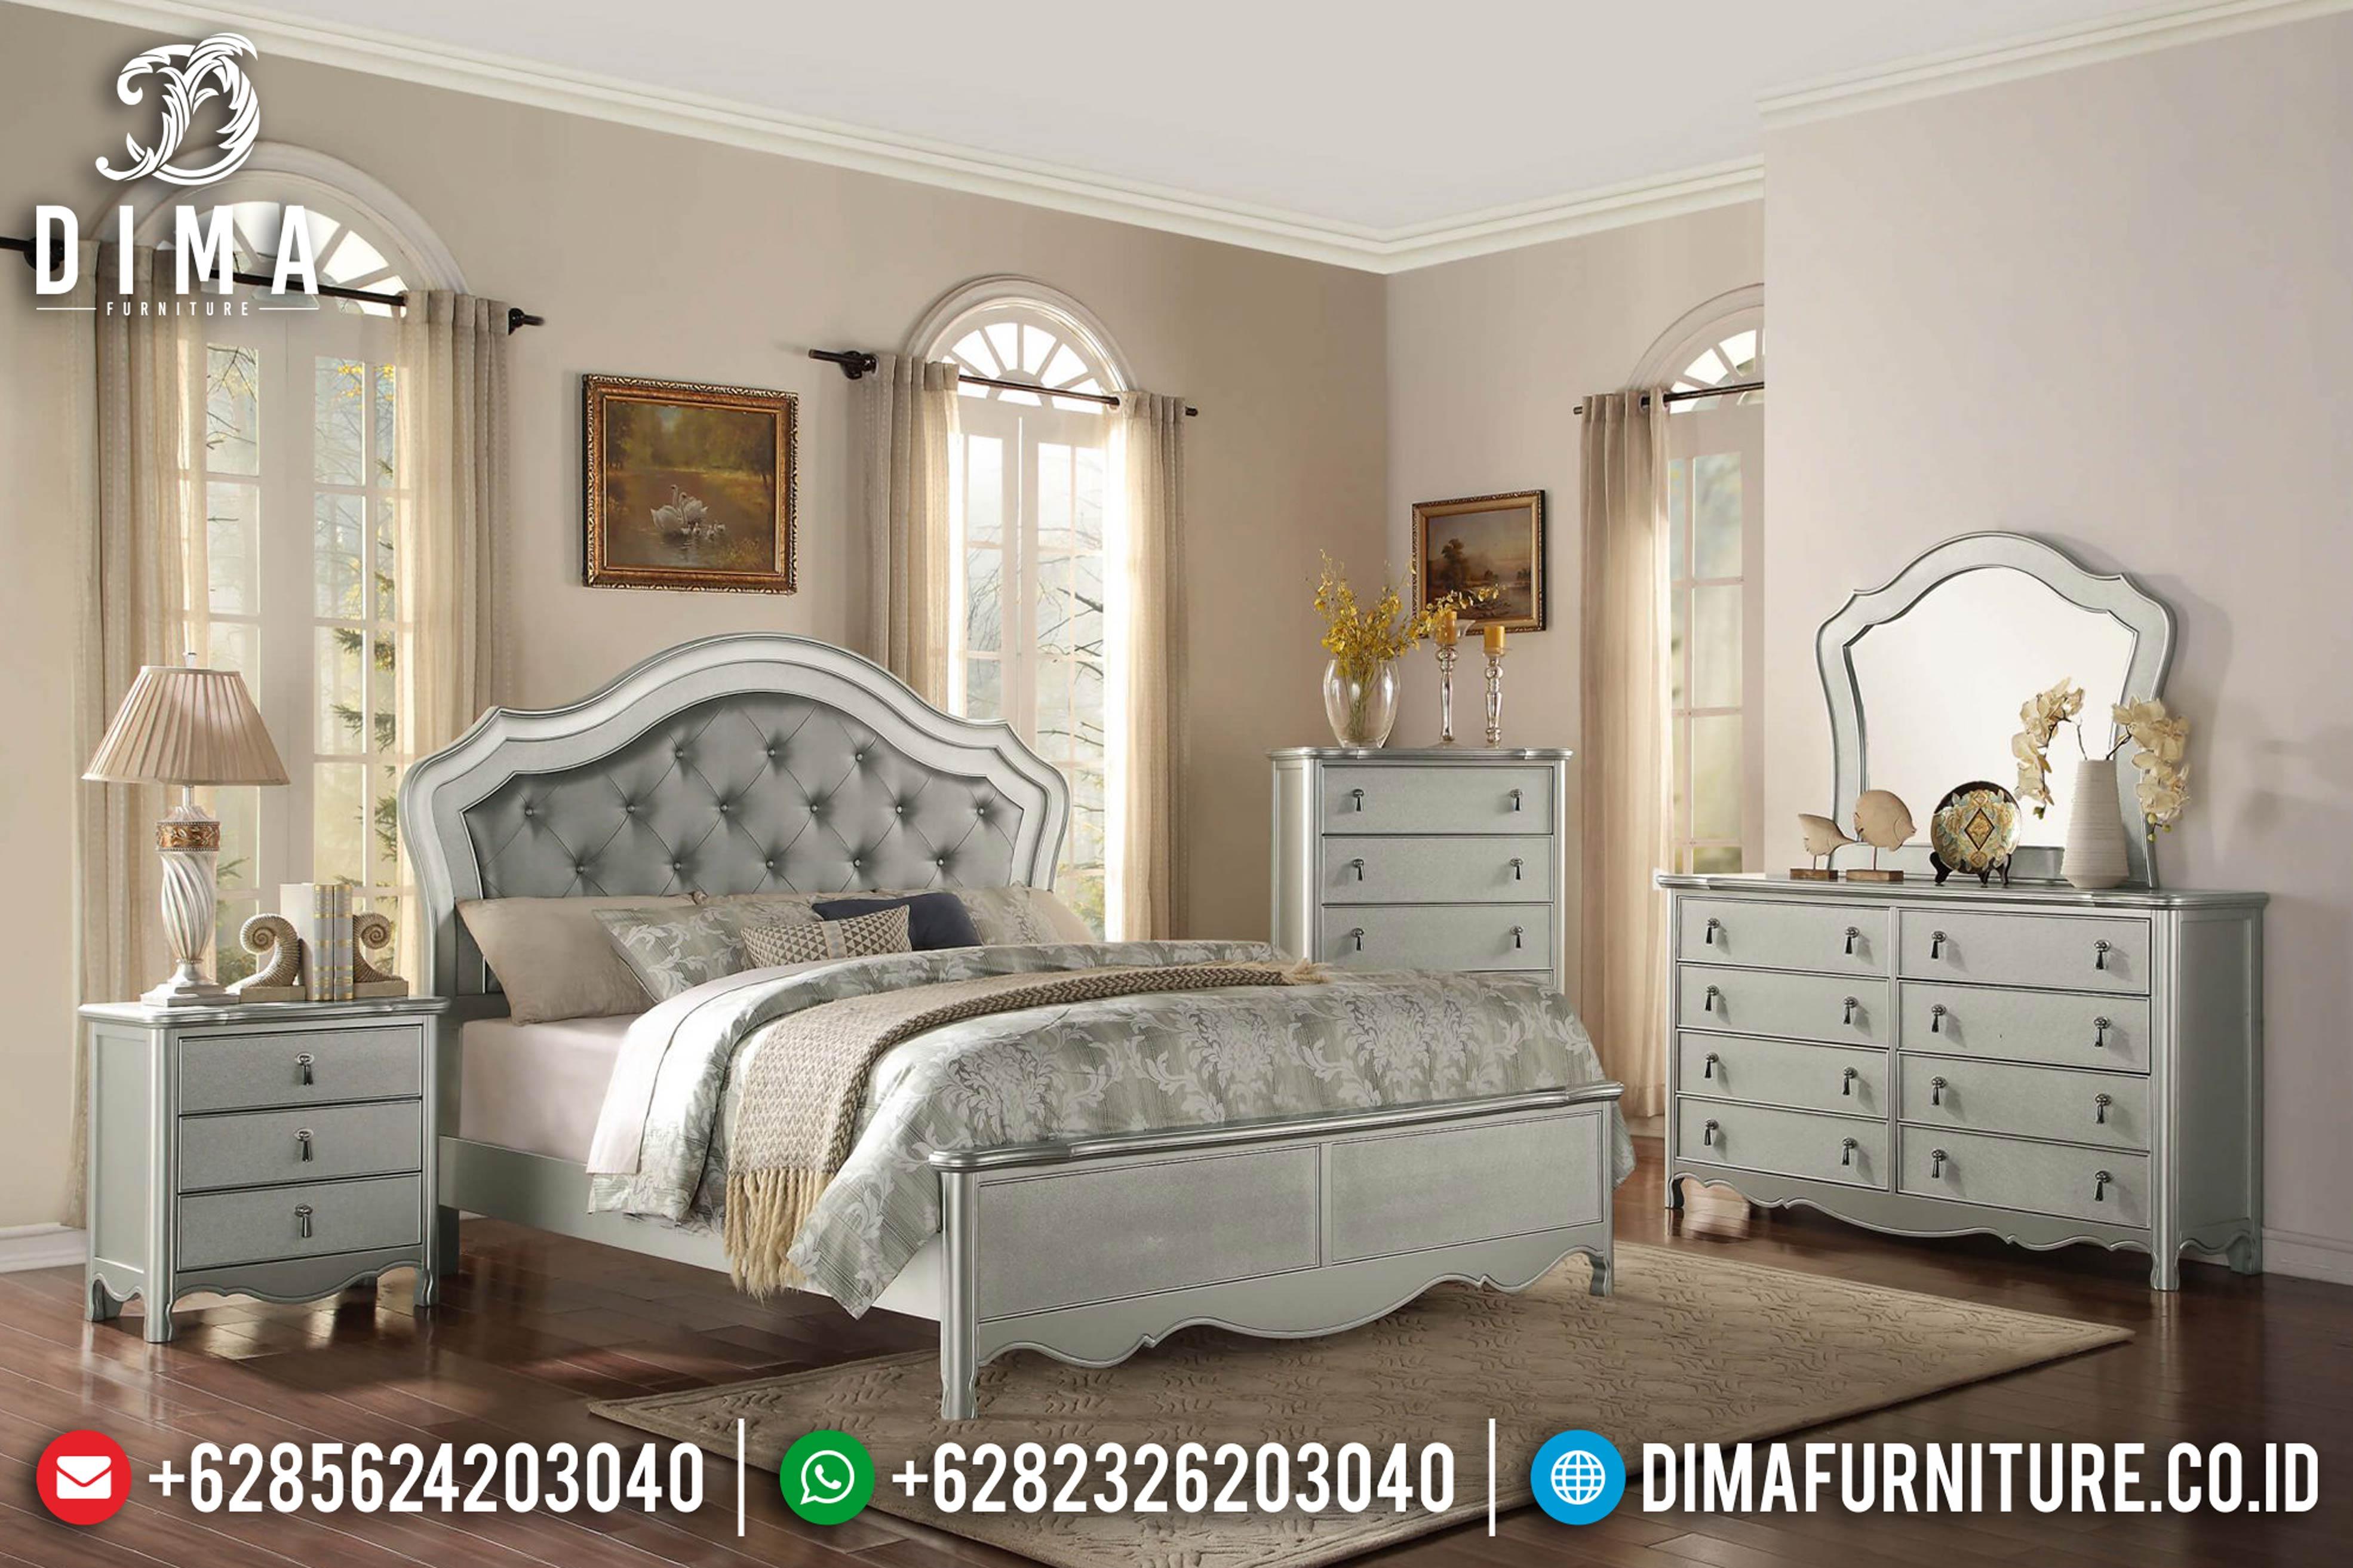 20+ Tempat Tidur Jepara Mewah Dan Minimalis Pilihan Tahun 2019 019 Dima Furniture Jepara